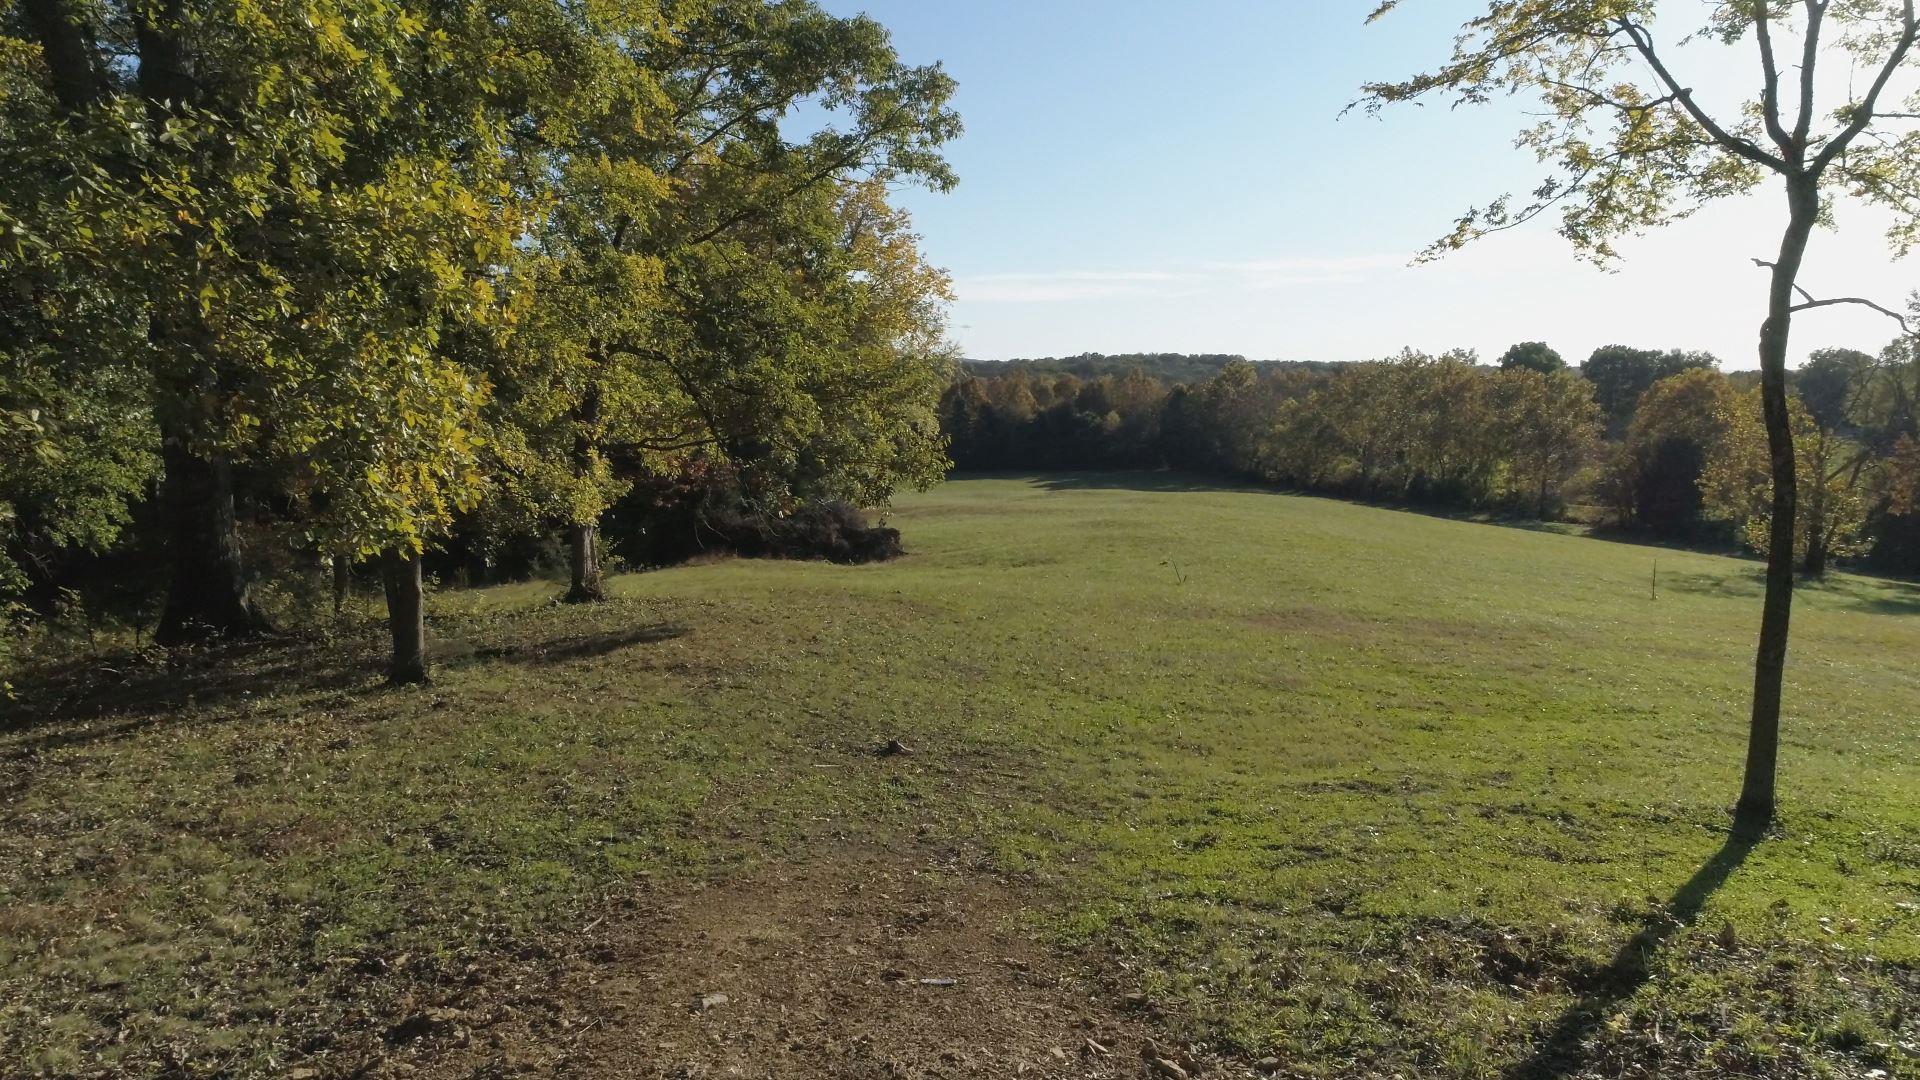 1342 Harkreader Rd, Mount Juliet, TN 37122 - Mount Juliet, TN real estate listing